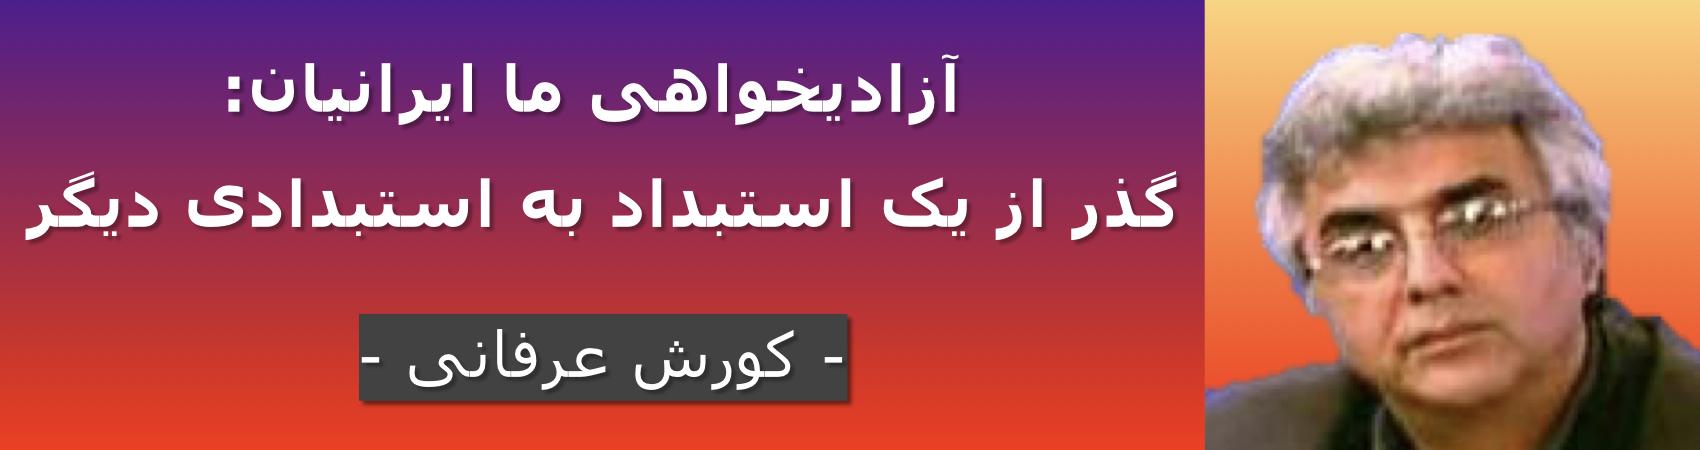 آزادیخواهی ما ایرانیان: گذر از یک استبداد به استبدادی دیگر